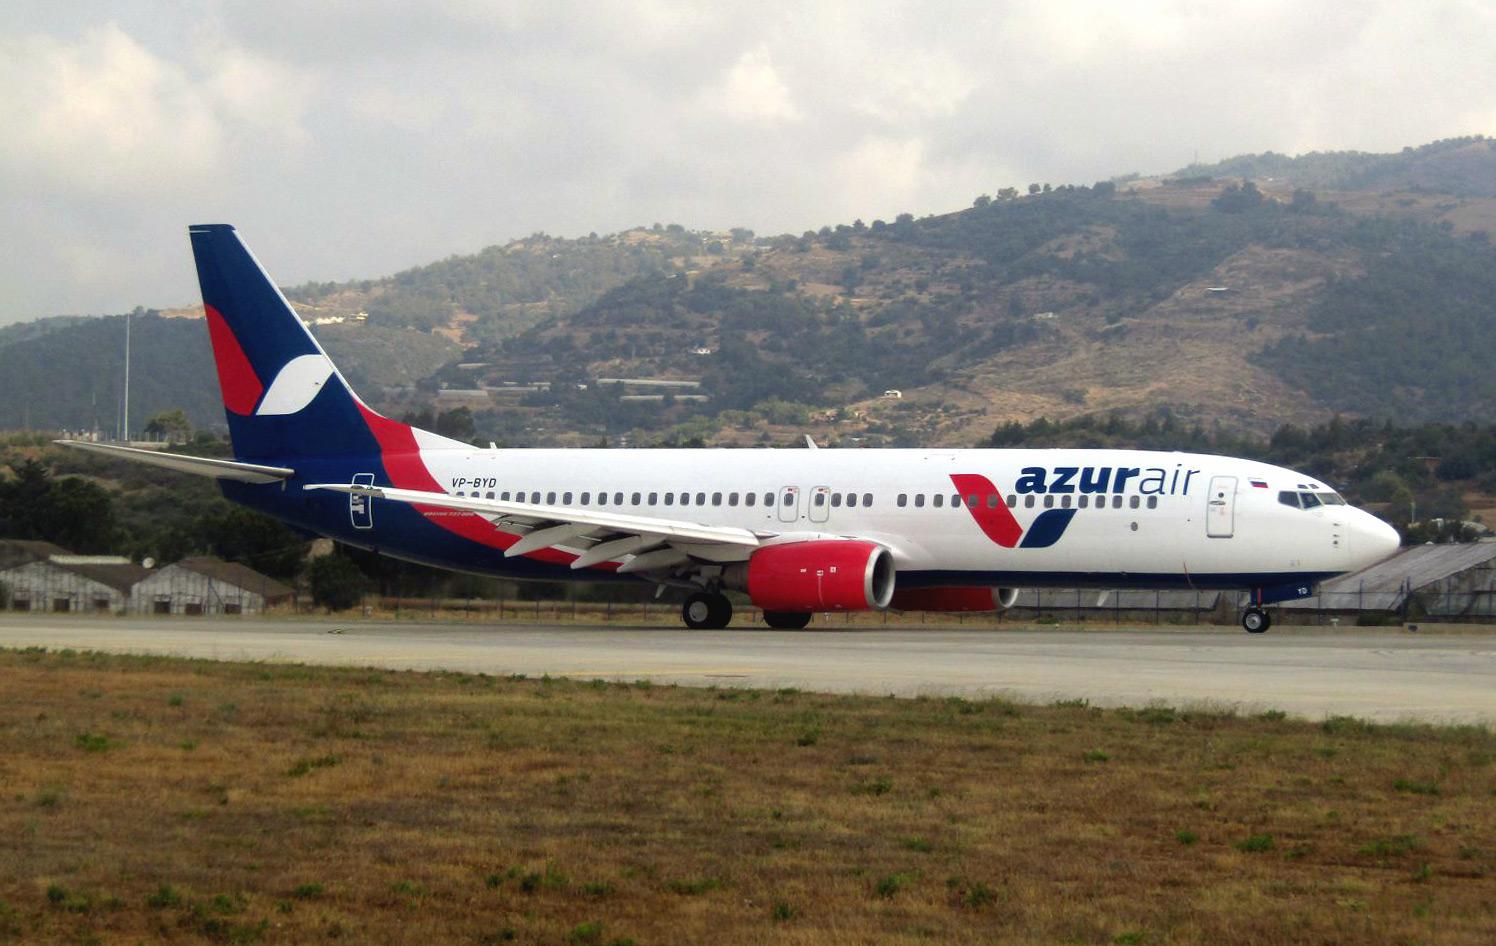 Самолет Боинг-737-800 VP-BYD авиакомпании Azur Air в аэропорту Алания Газипаша